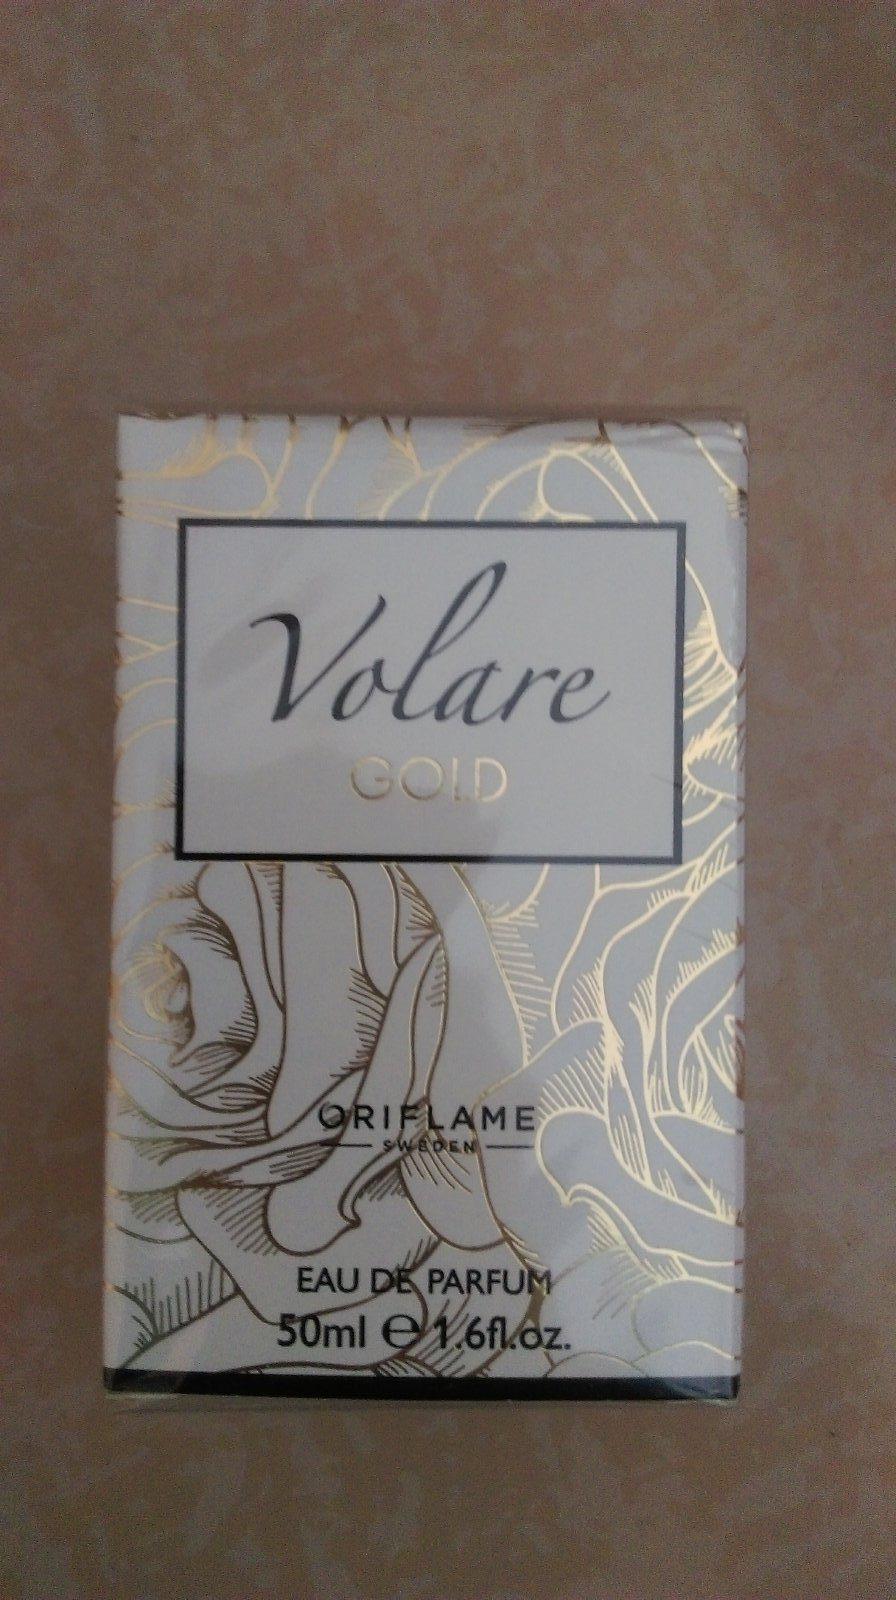 Parfemova Voda Volare Gold 9 Od Predvajcej Lucka009 Detsk Eau De Parfum 50ml By Oryflame Bazr